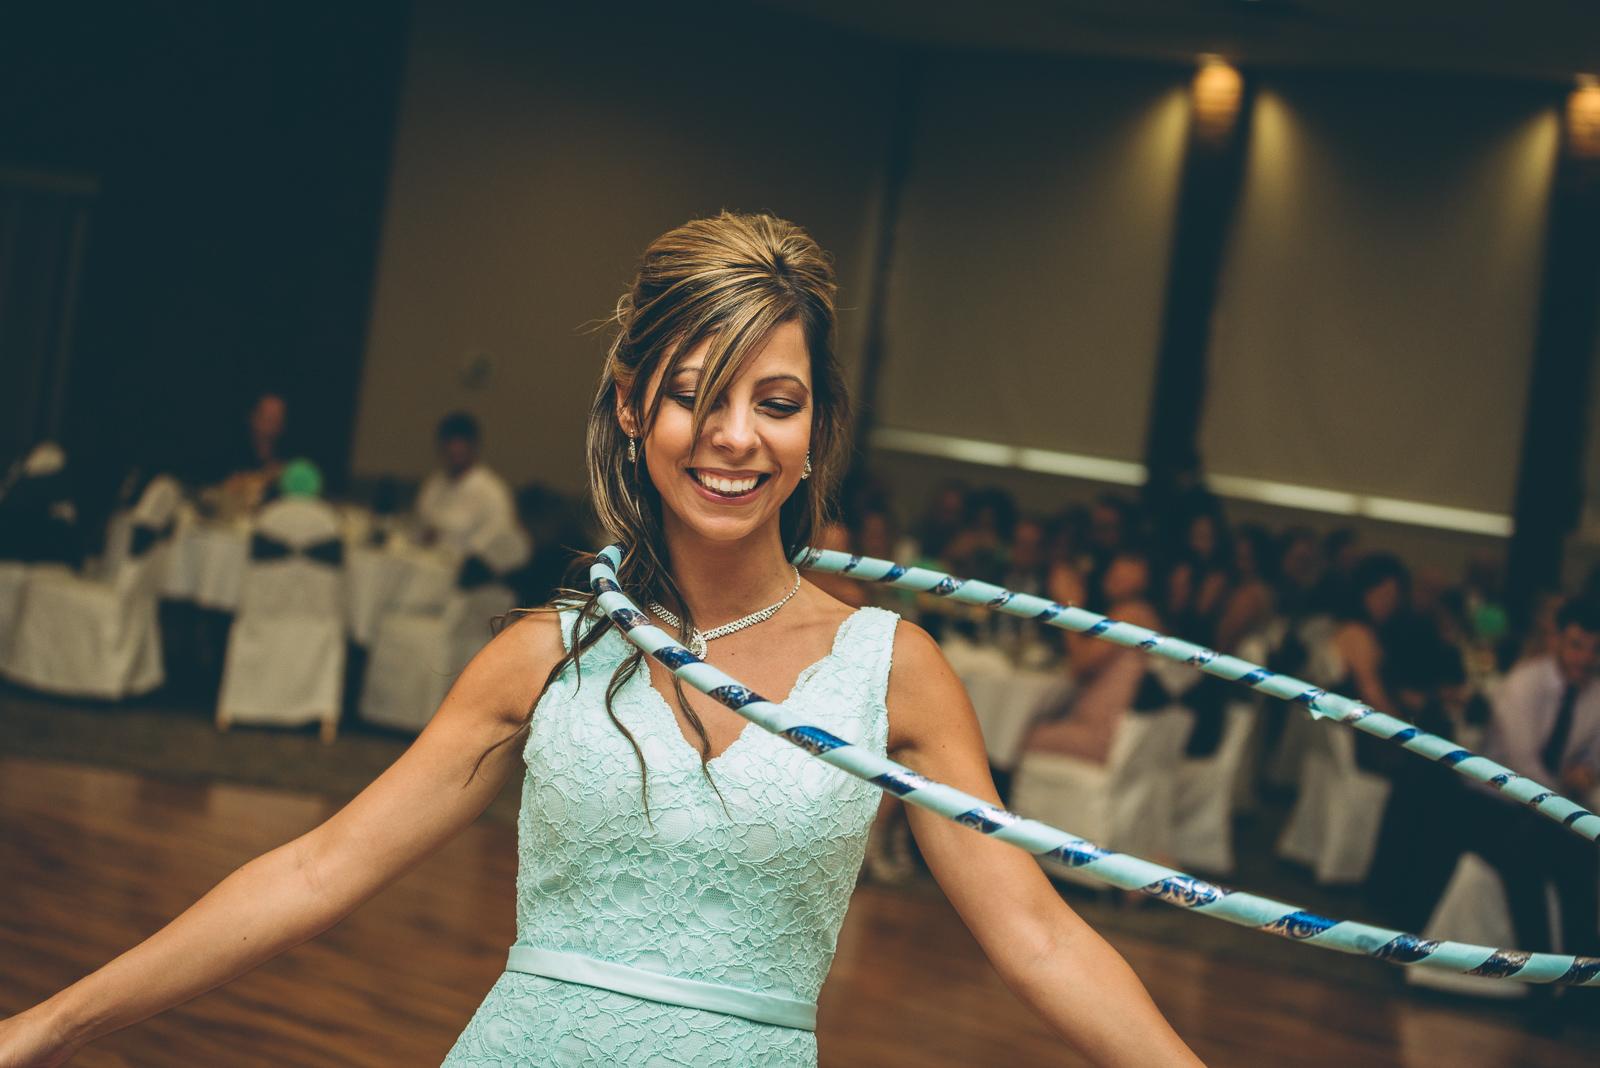 dan-josie-wedding-blog-246.jpg